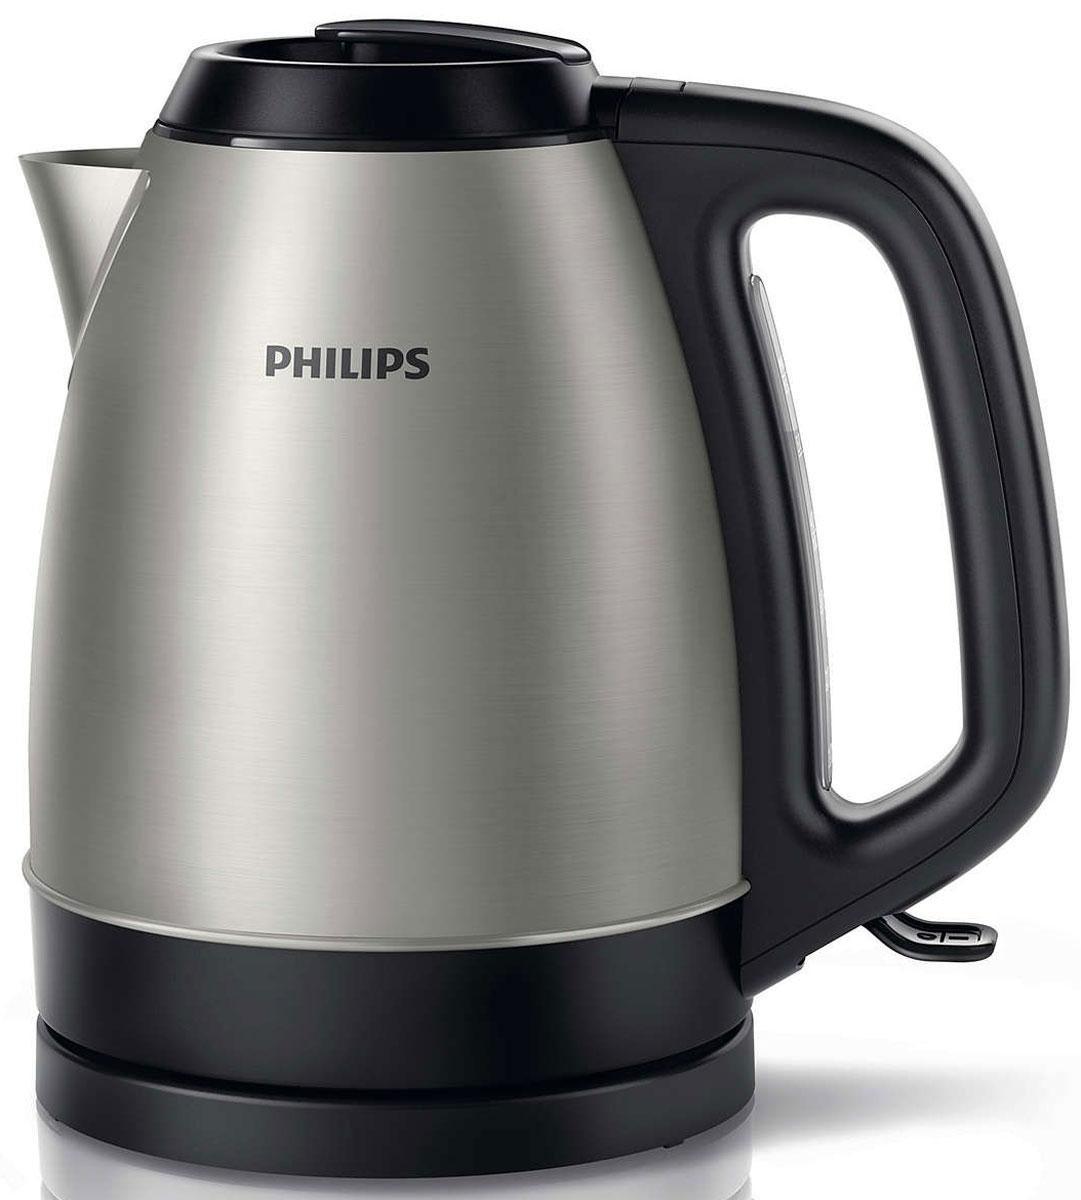 Philips HD9305/21 электрический чайникHD9305/21Электрический чайник Philips HD9305/21с корпусом из нержавеющей стали и регулятором разработан в Великобритании. Прибор безопасен в использовании и отличается долгим сроком службы. Плоский нагревательный элемент из нержавеющей стали обеспечивает быстрое кипячение и простую чистку. Откидную крышку можно полностью снять для более простой очистки. Чайник имеет понятный индикатор уровня воды на задней панели. Шнур оборачивается вокруг основания, что позволяет легко разместить чайник на кухне. Благодаря съемному фильтру от накипи вы будете пить чистую воду.